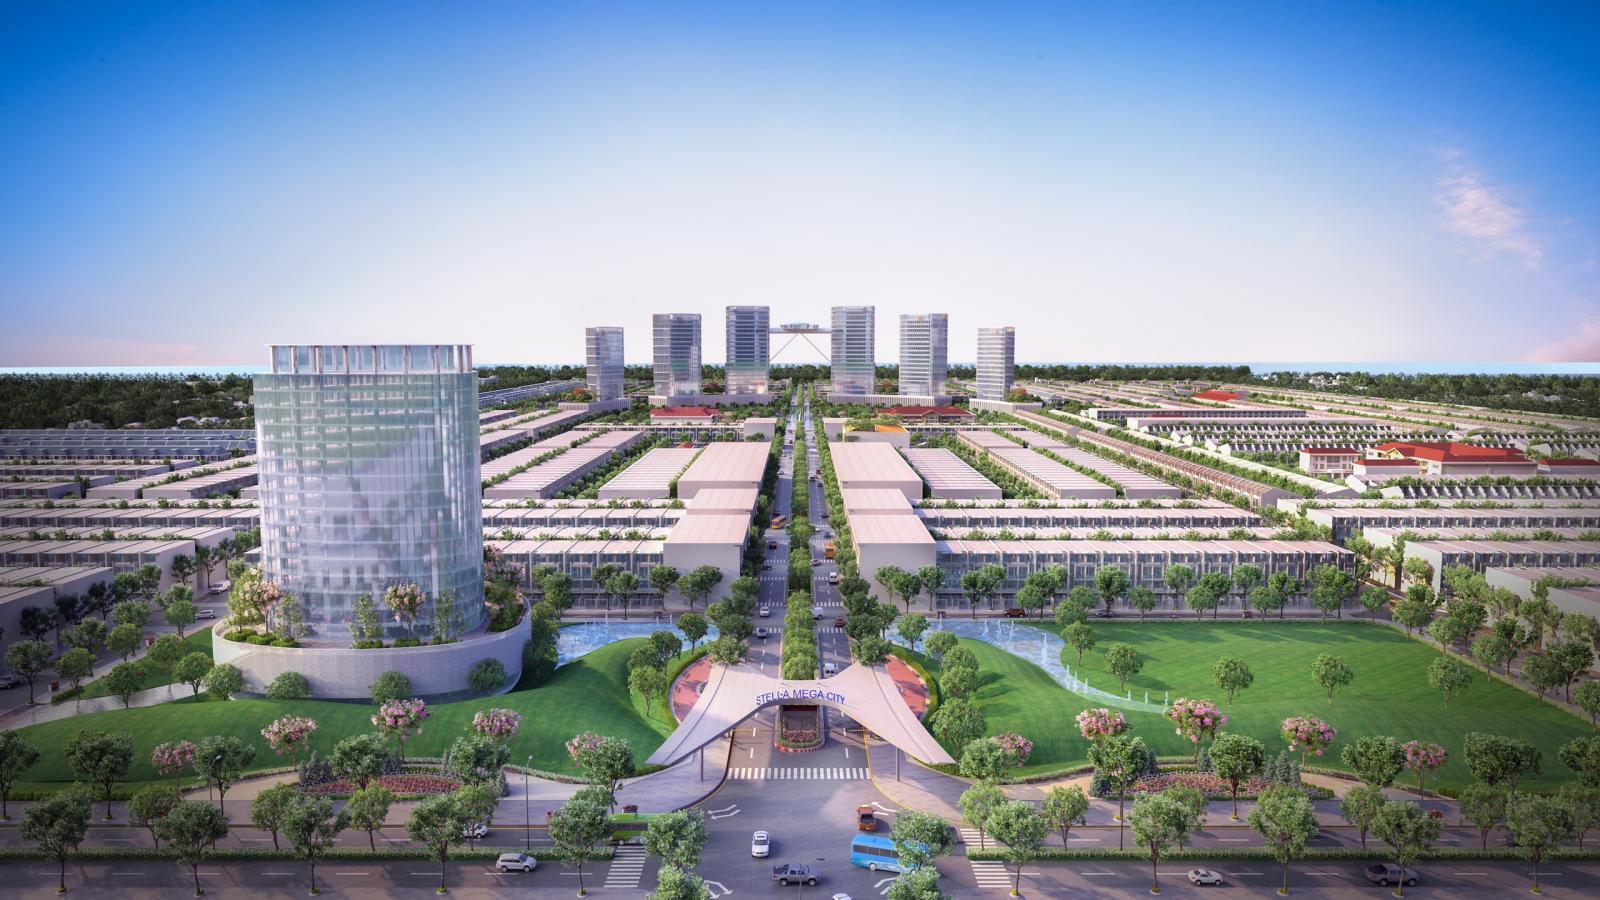 Phối cảnh một dự án bất động sản nằm gần mặt đường với nhiều cây xanh